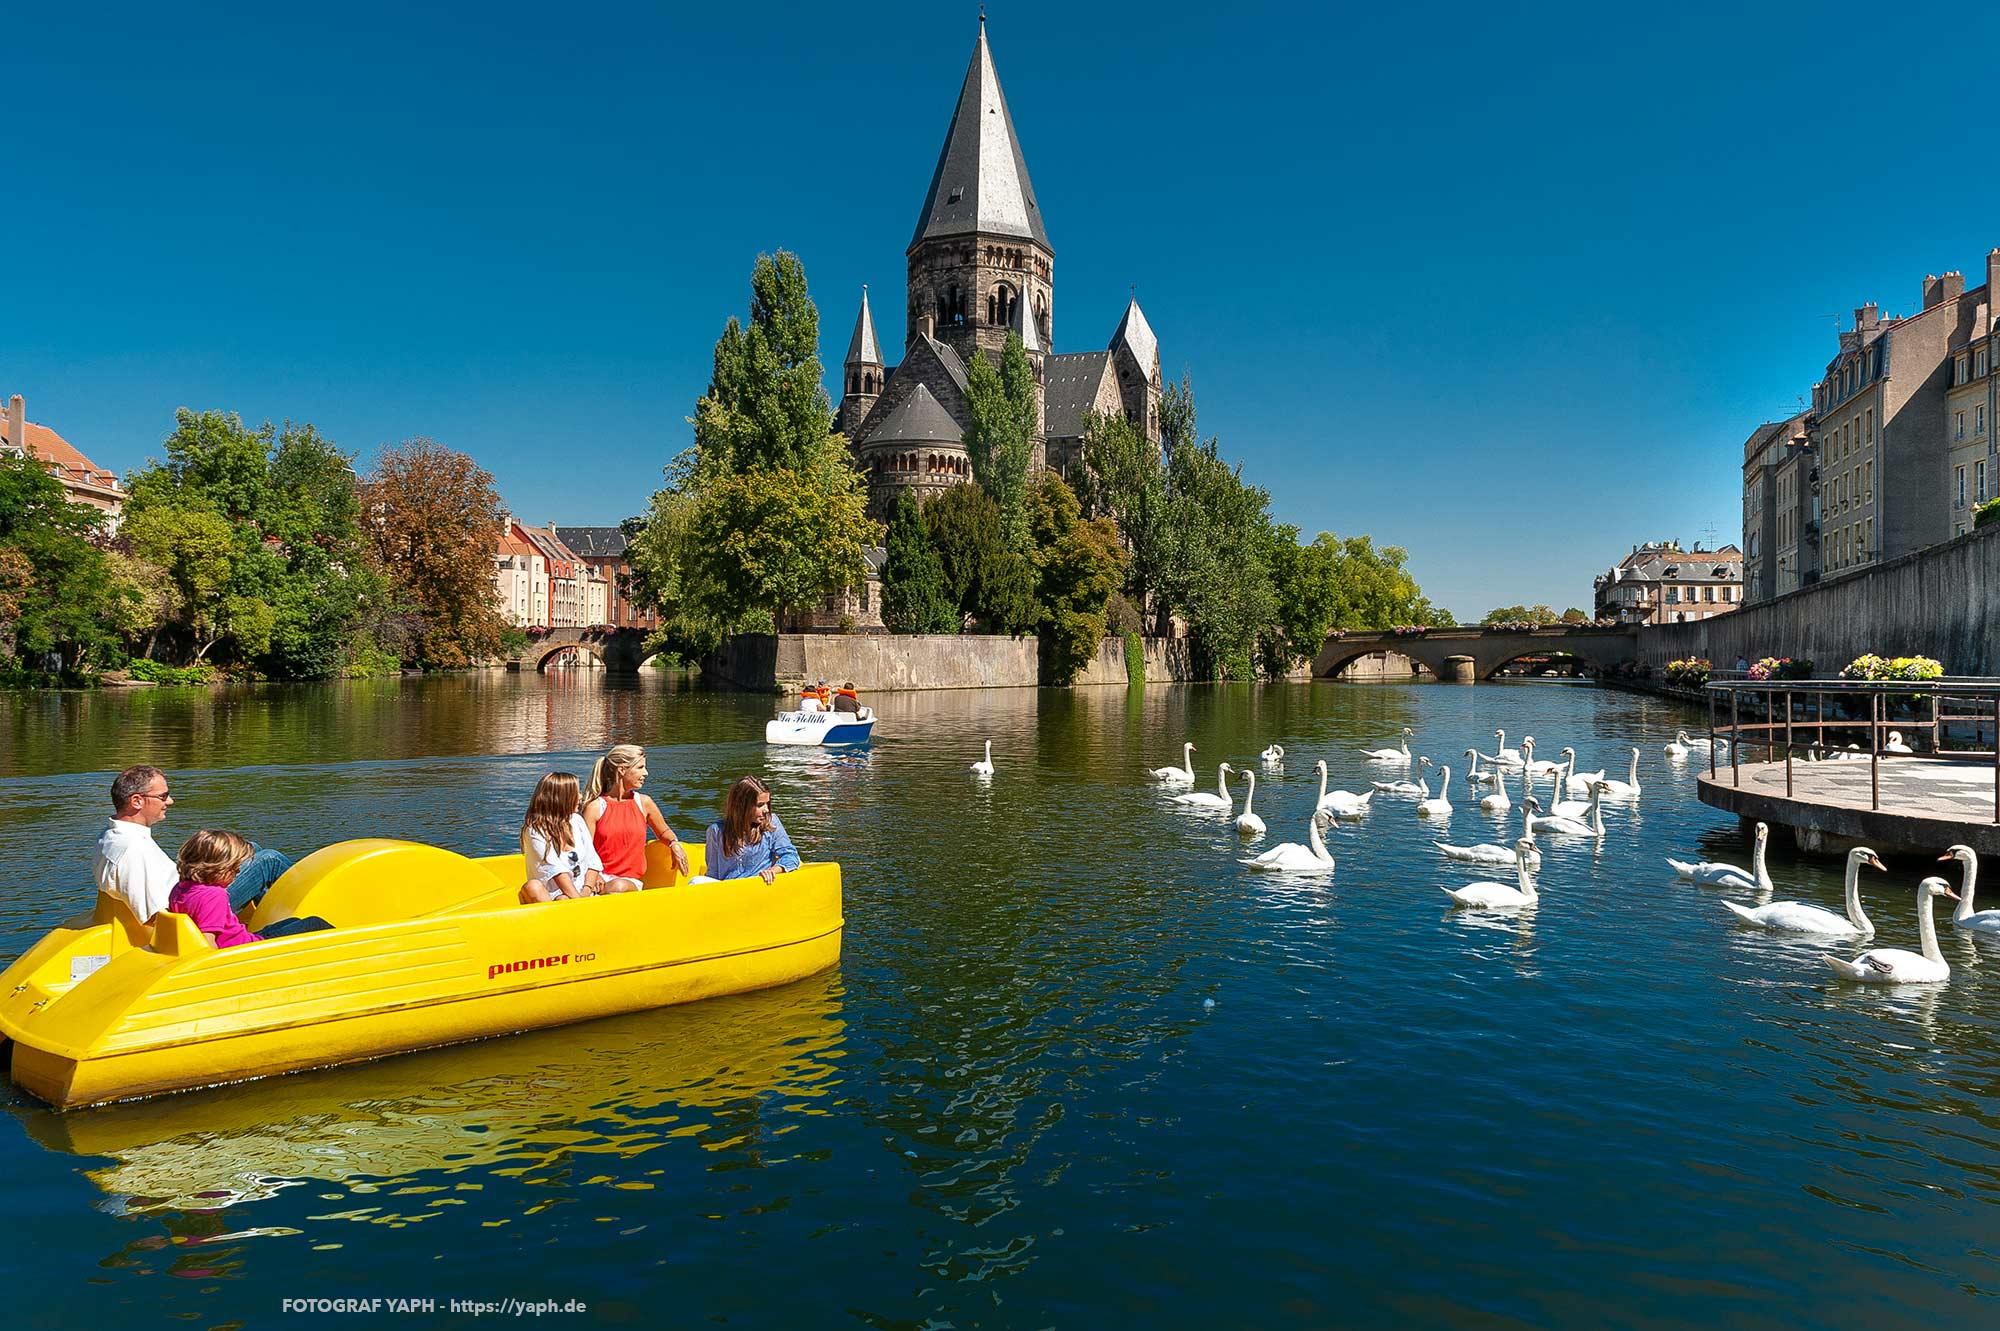 Fotoreportage Streetfotografie Stadt Metz - Fotograf Trier - Yaph 31